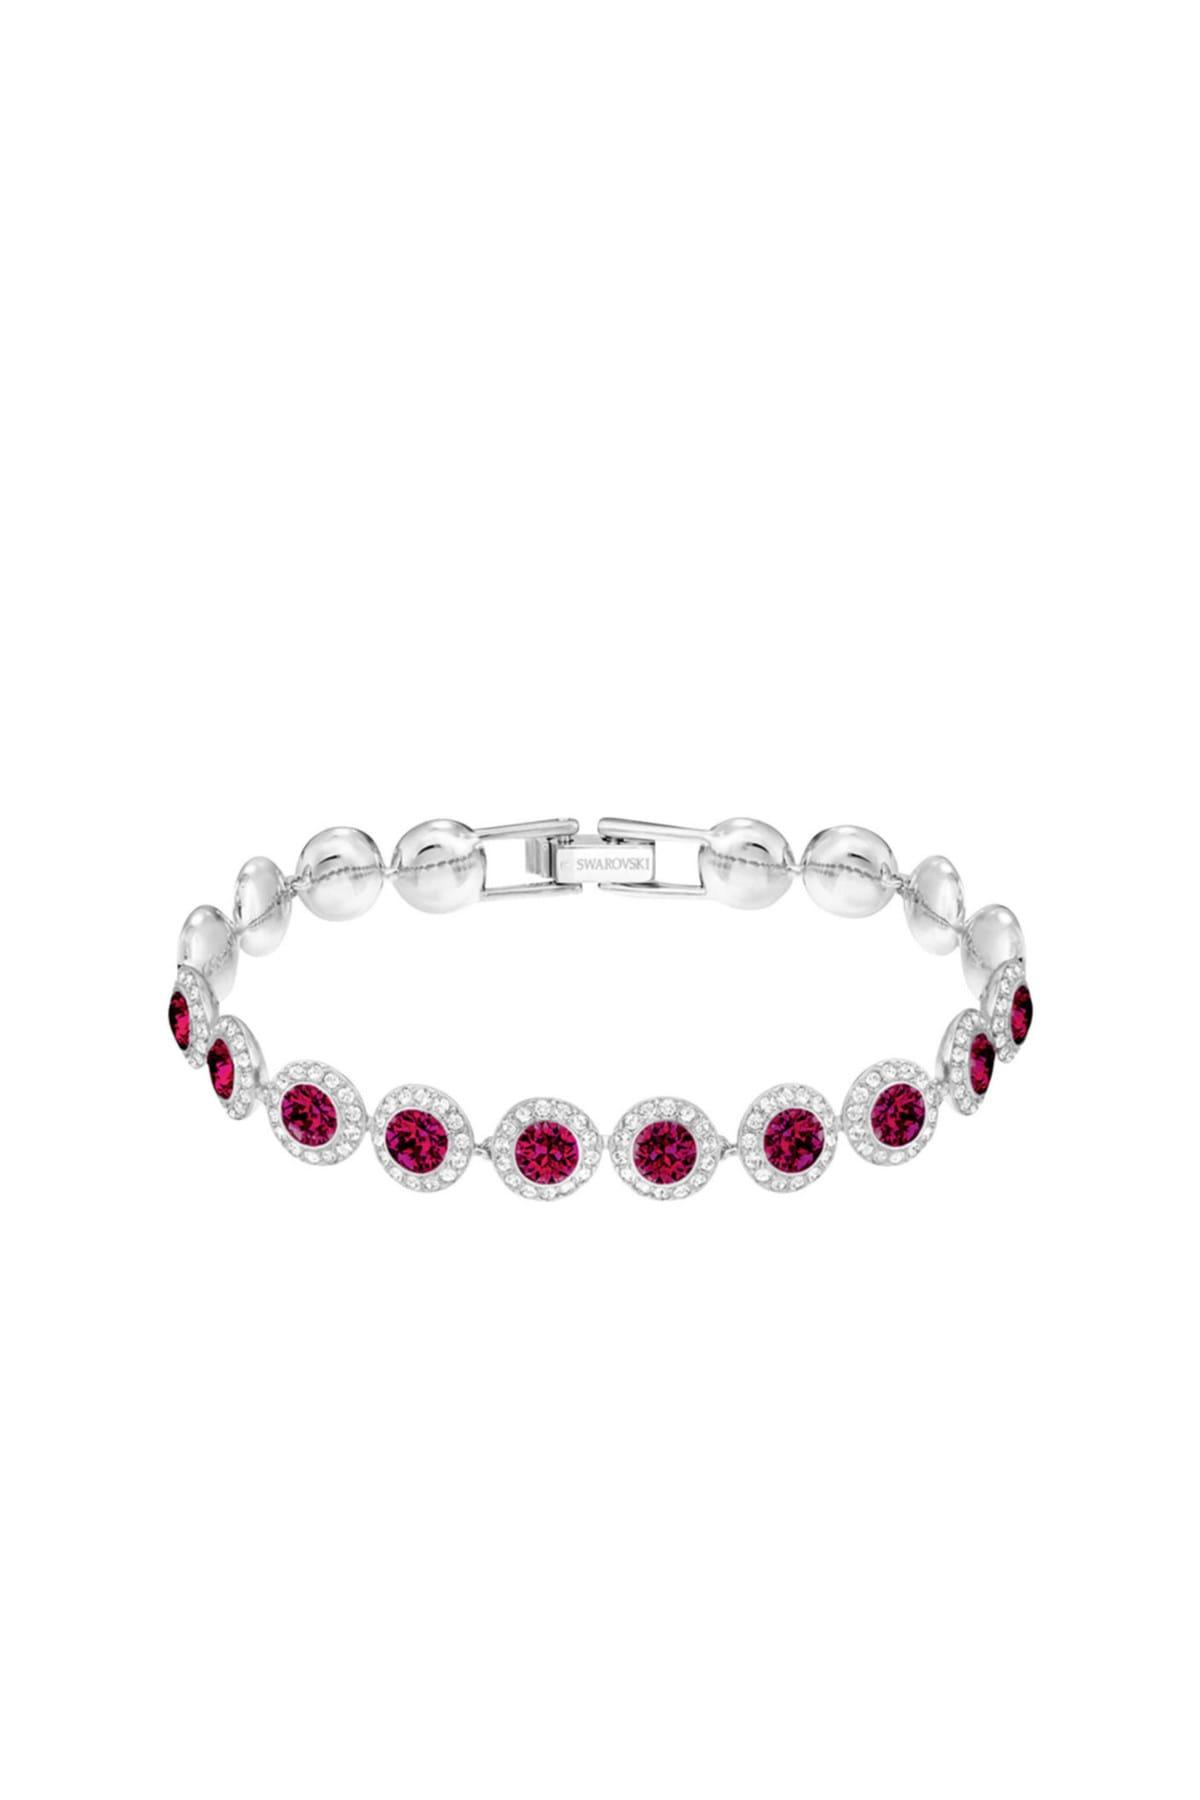 Swarovski Kadın Bilezik Angelic:Bracelet Rby/Cry/Rhs M 5446006 2